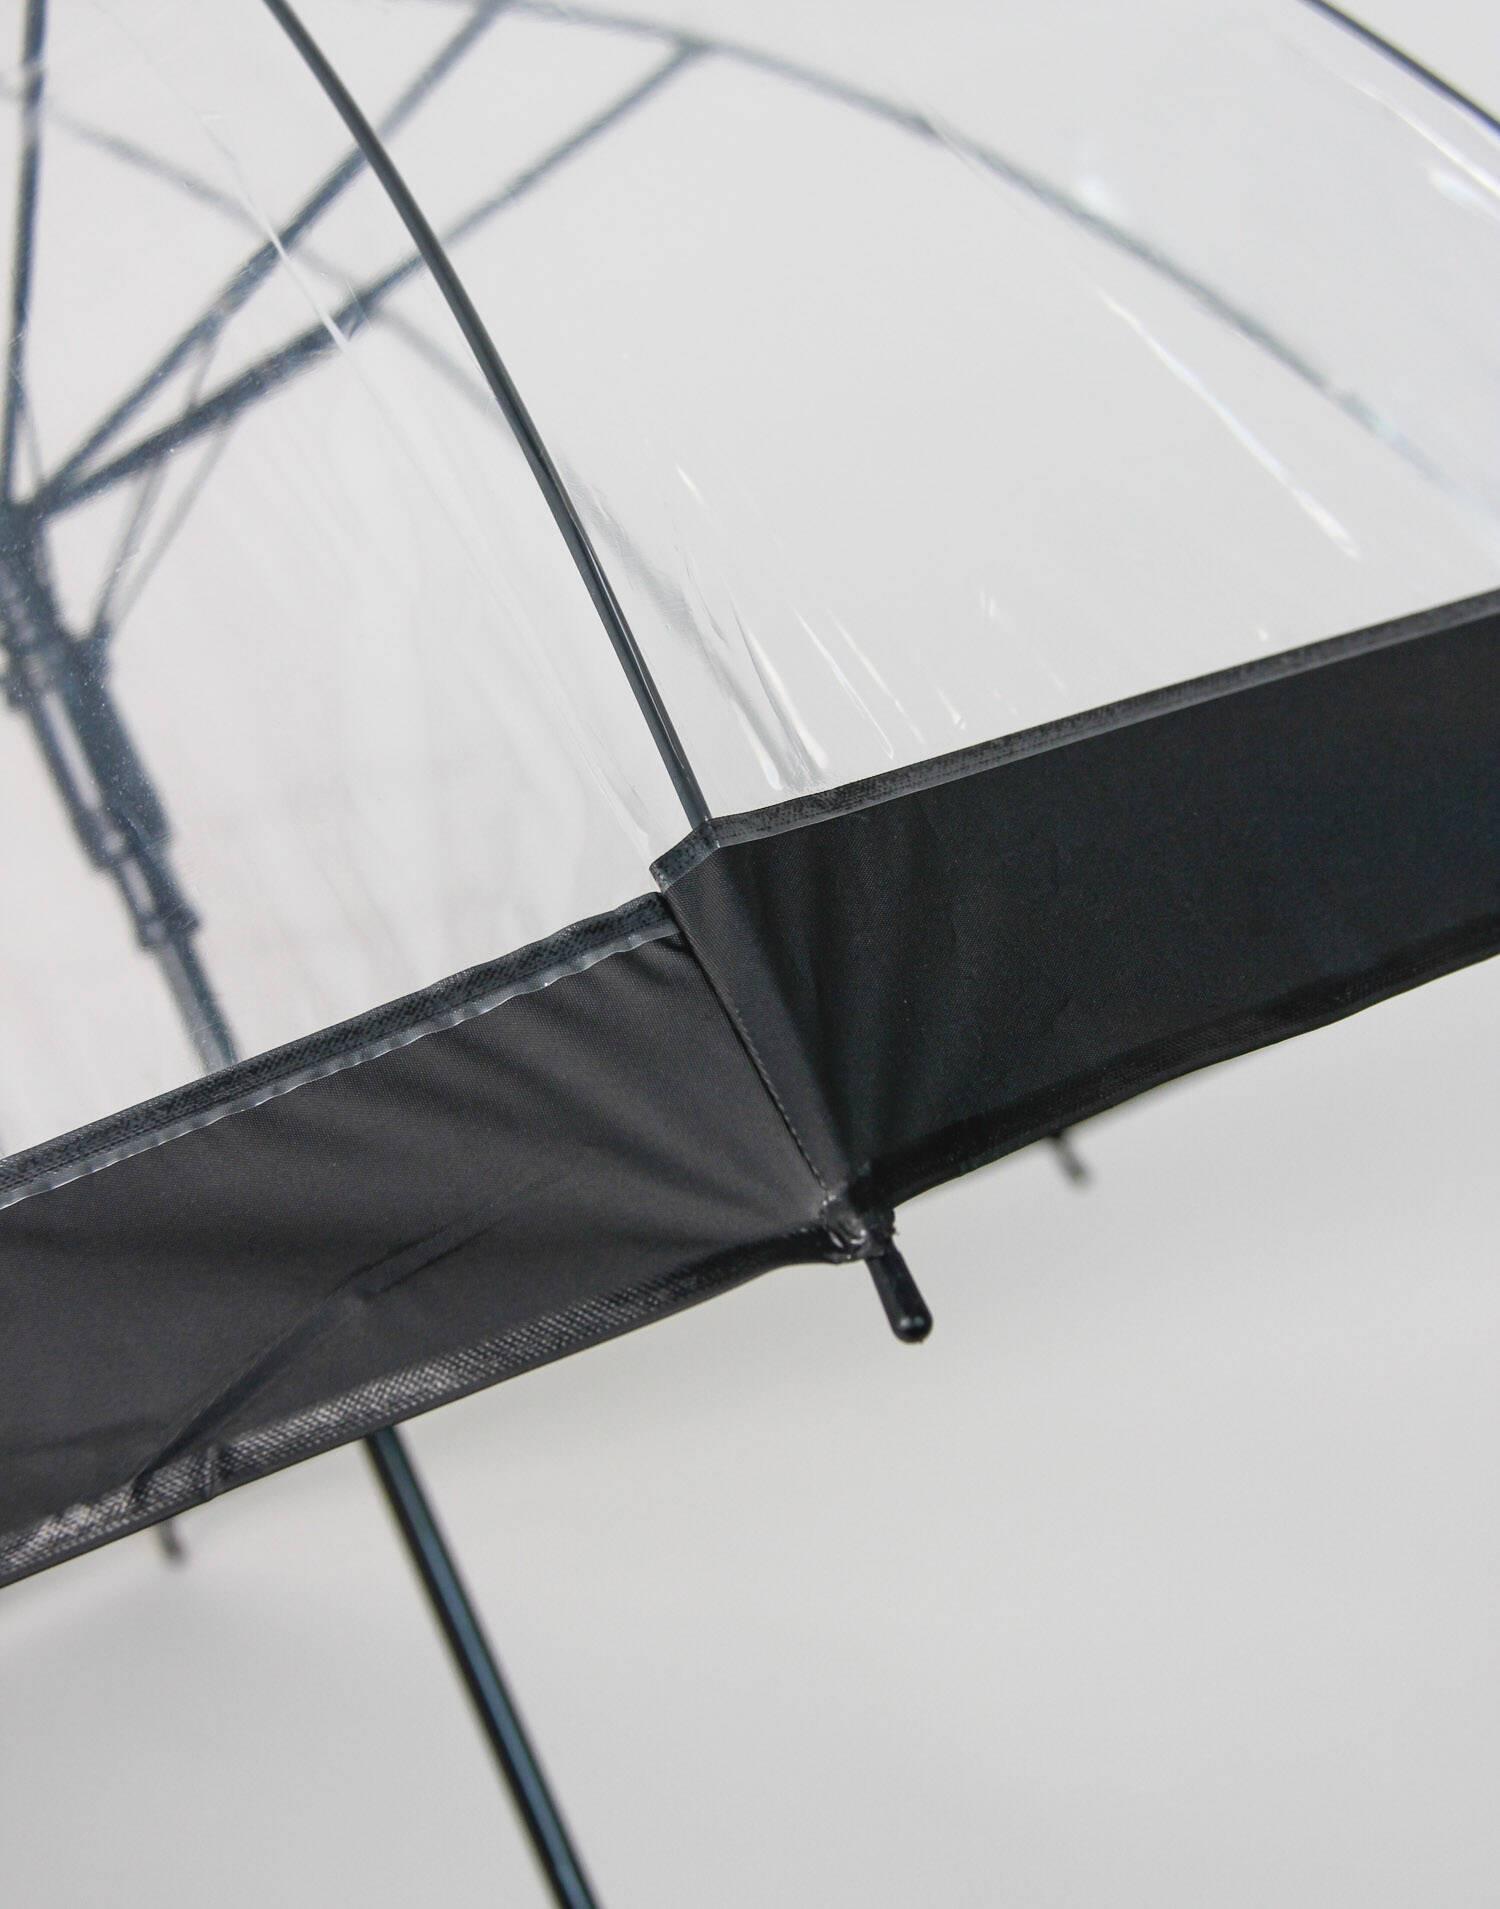 Parapluie bulle transparent